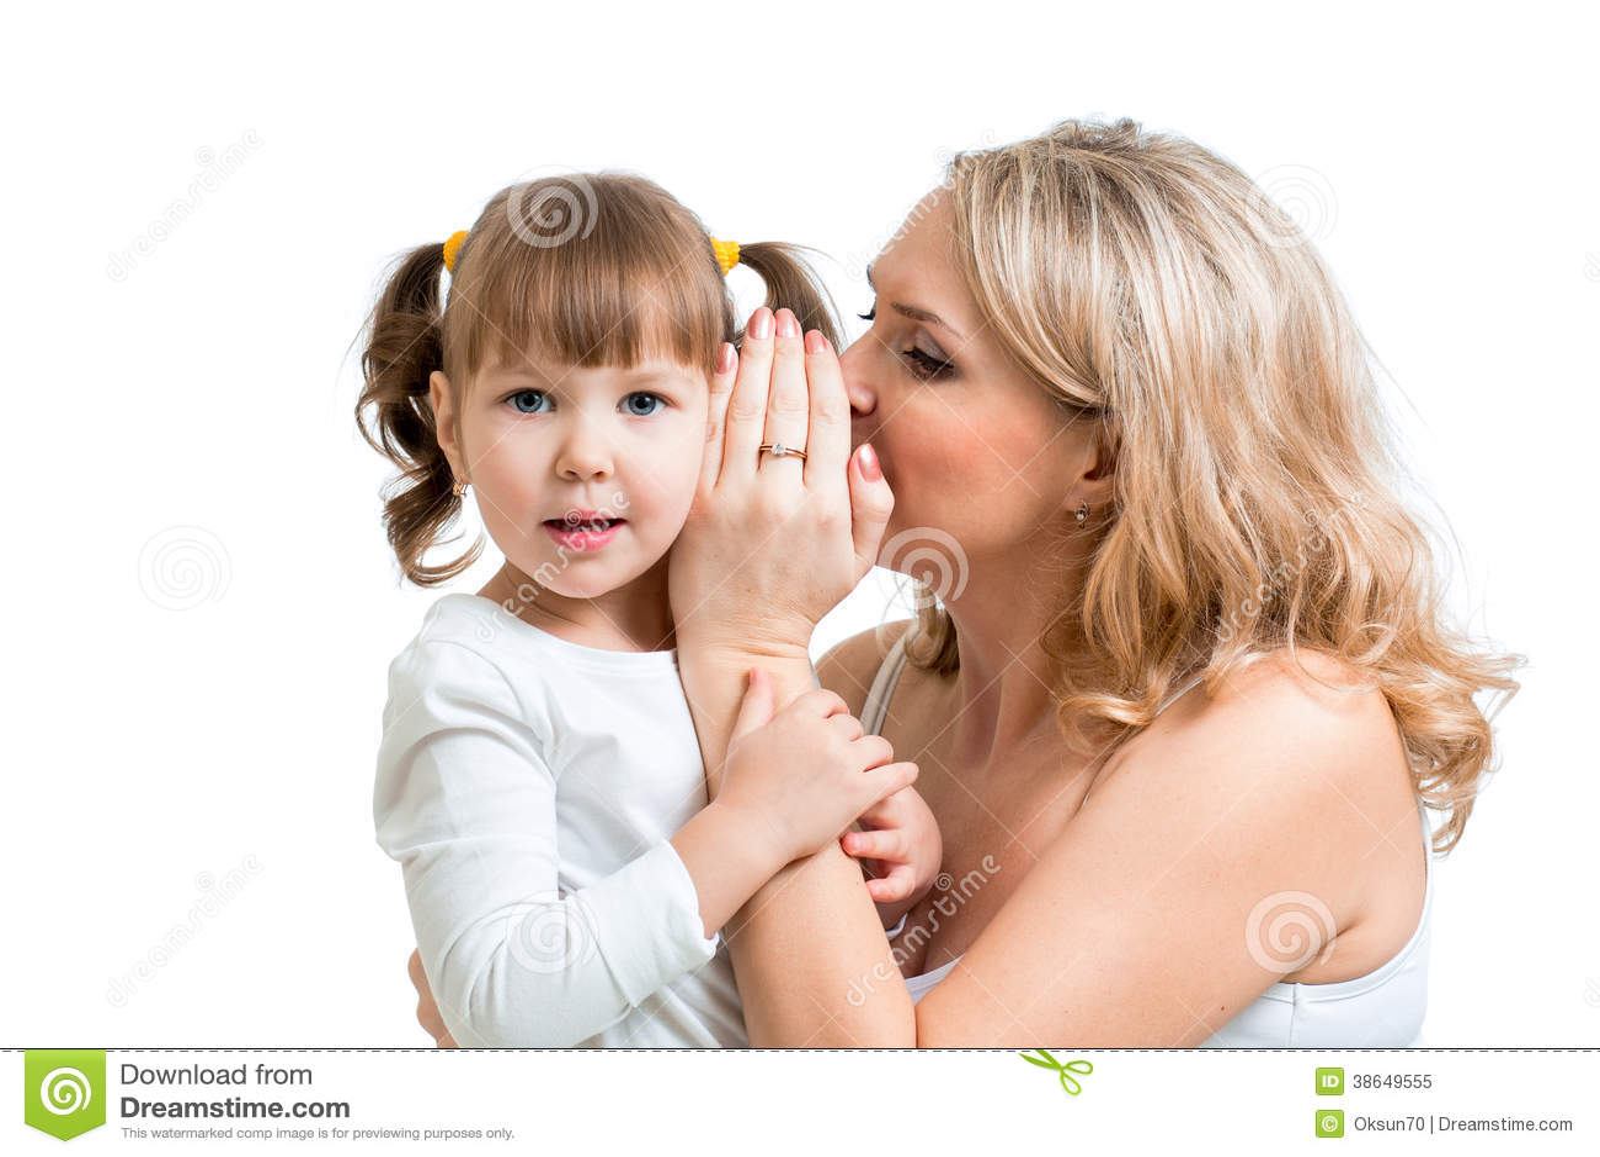 Тайна мамы и сына 18 фотография